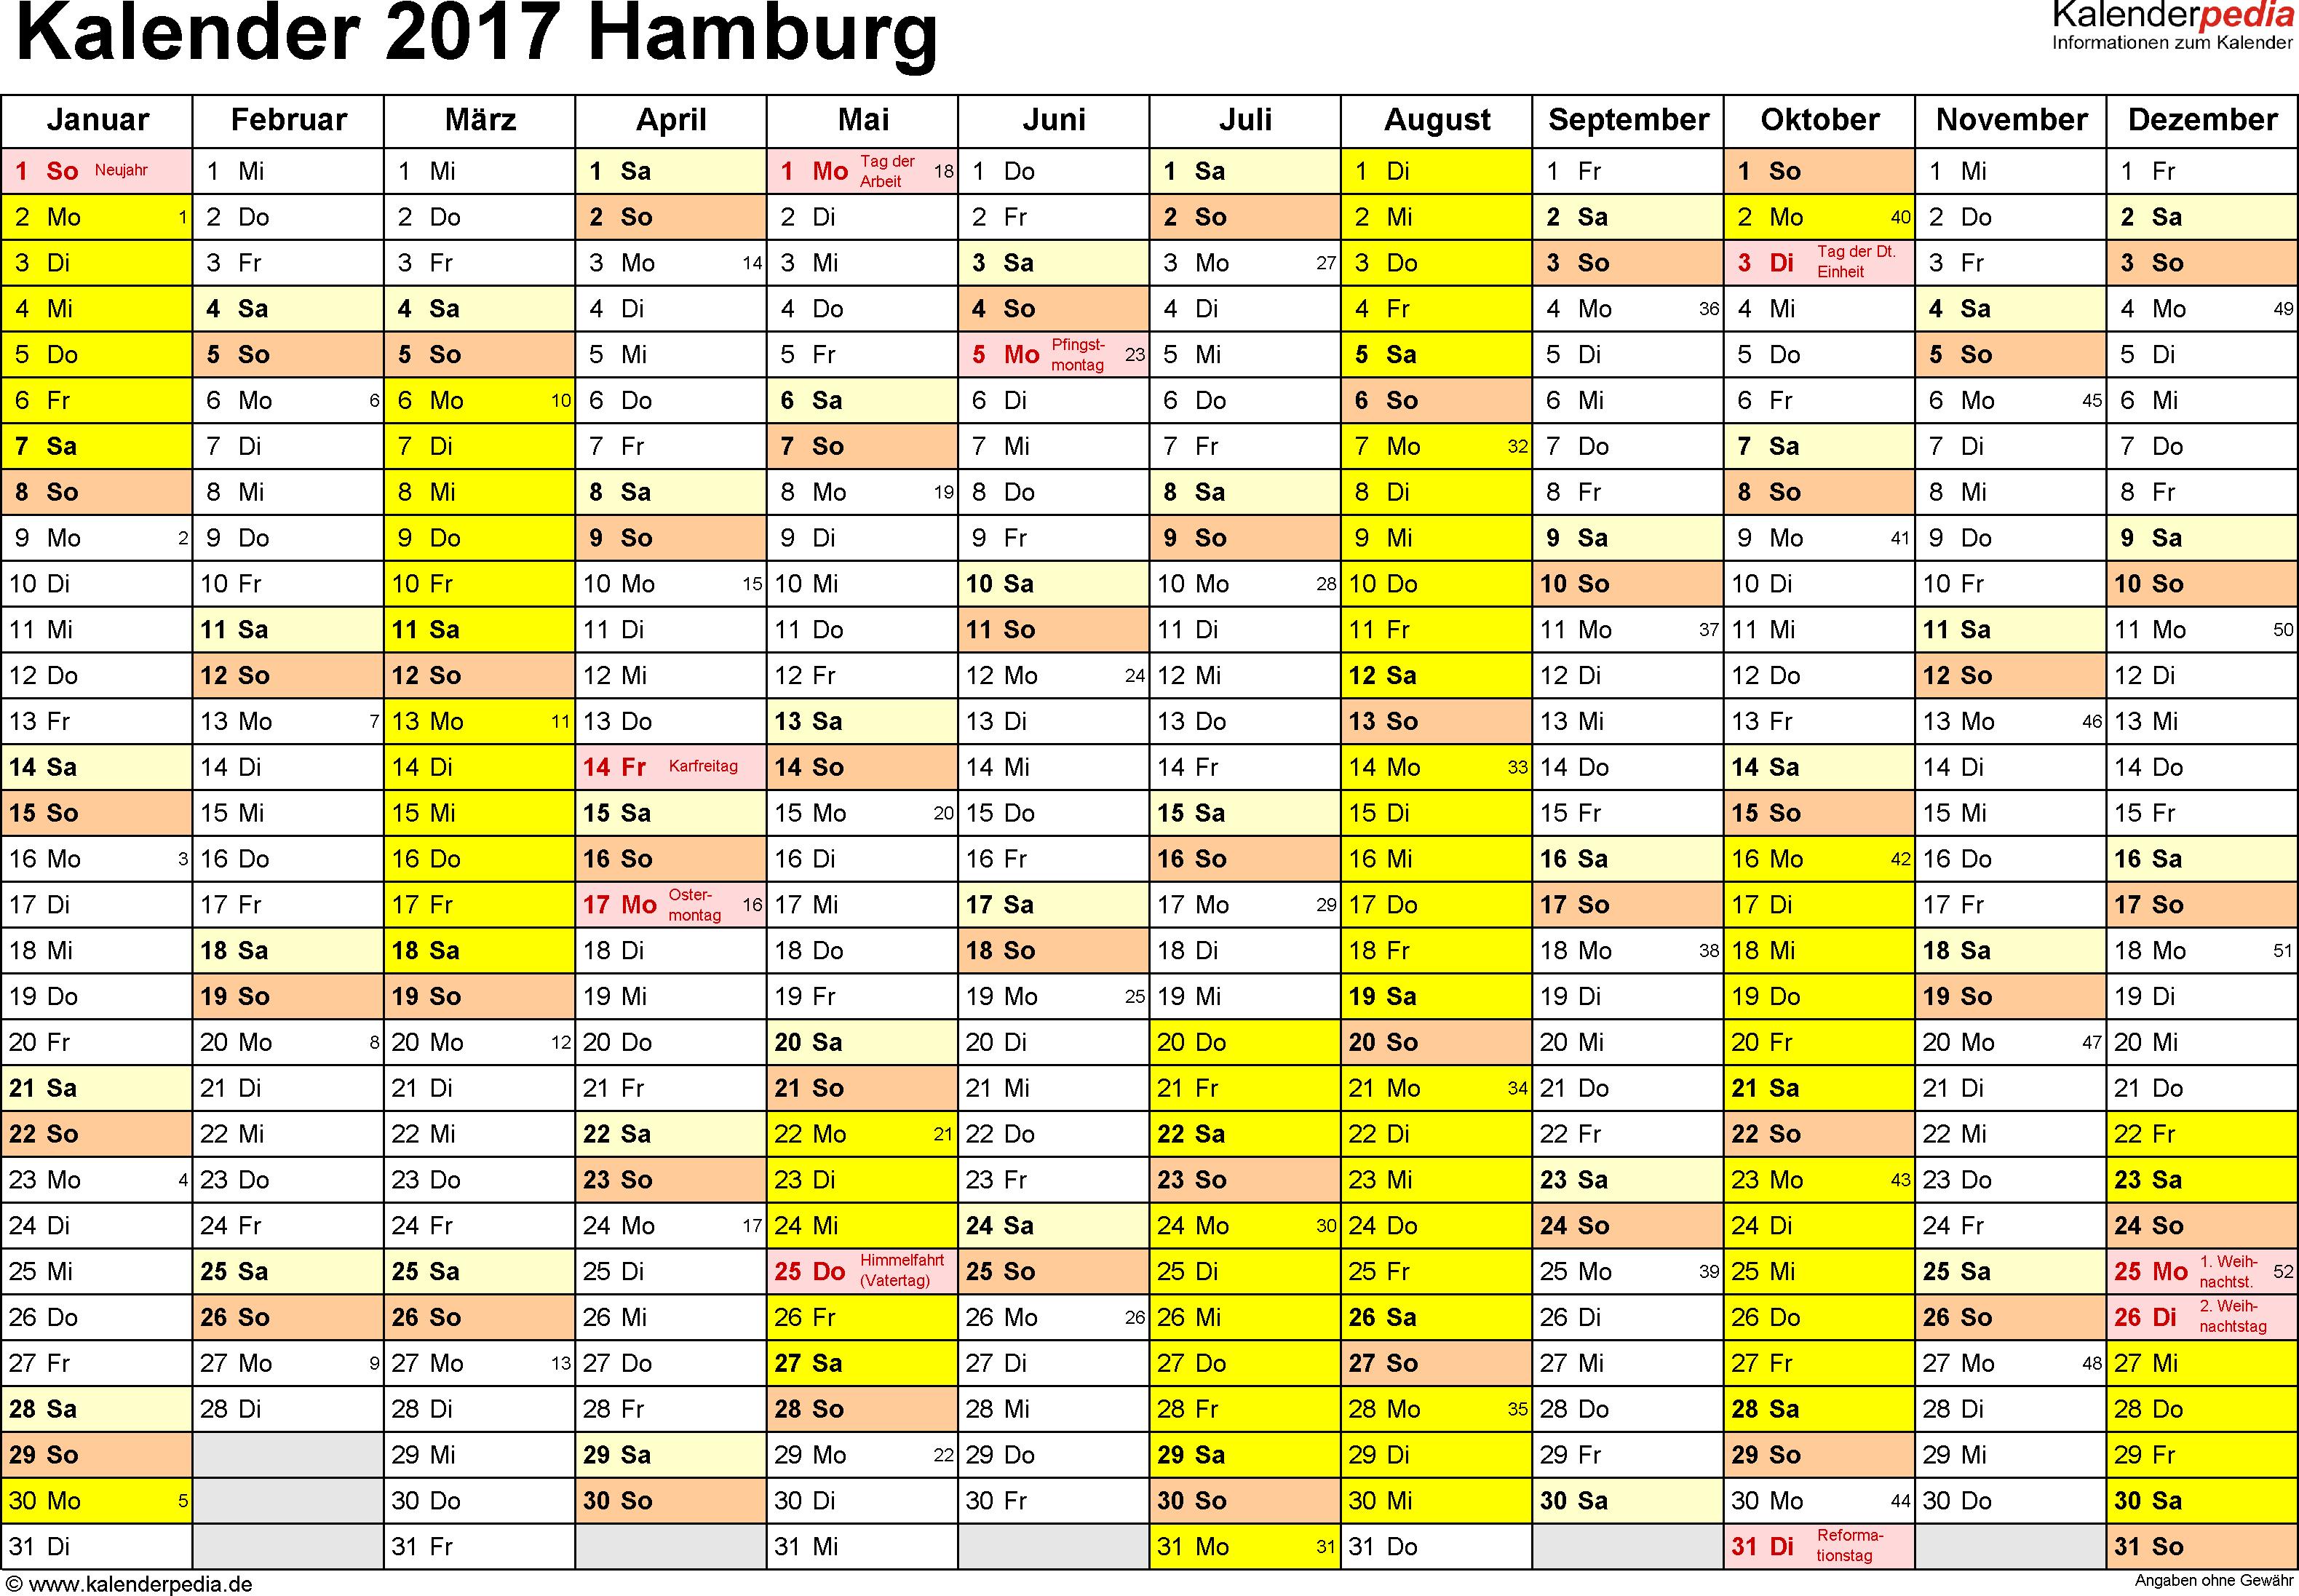 Vorlage 1: Kalender 2017 für Hamburg als PDF-Vorlage (Querformat, 1 Seite)